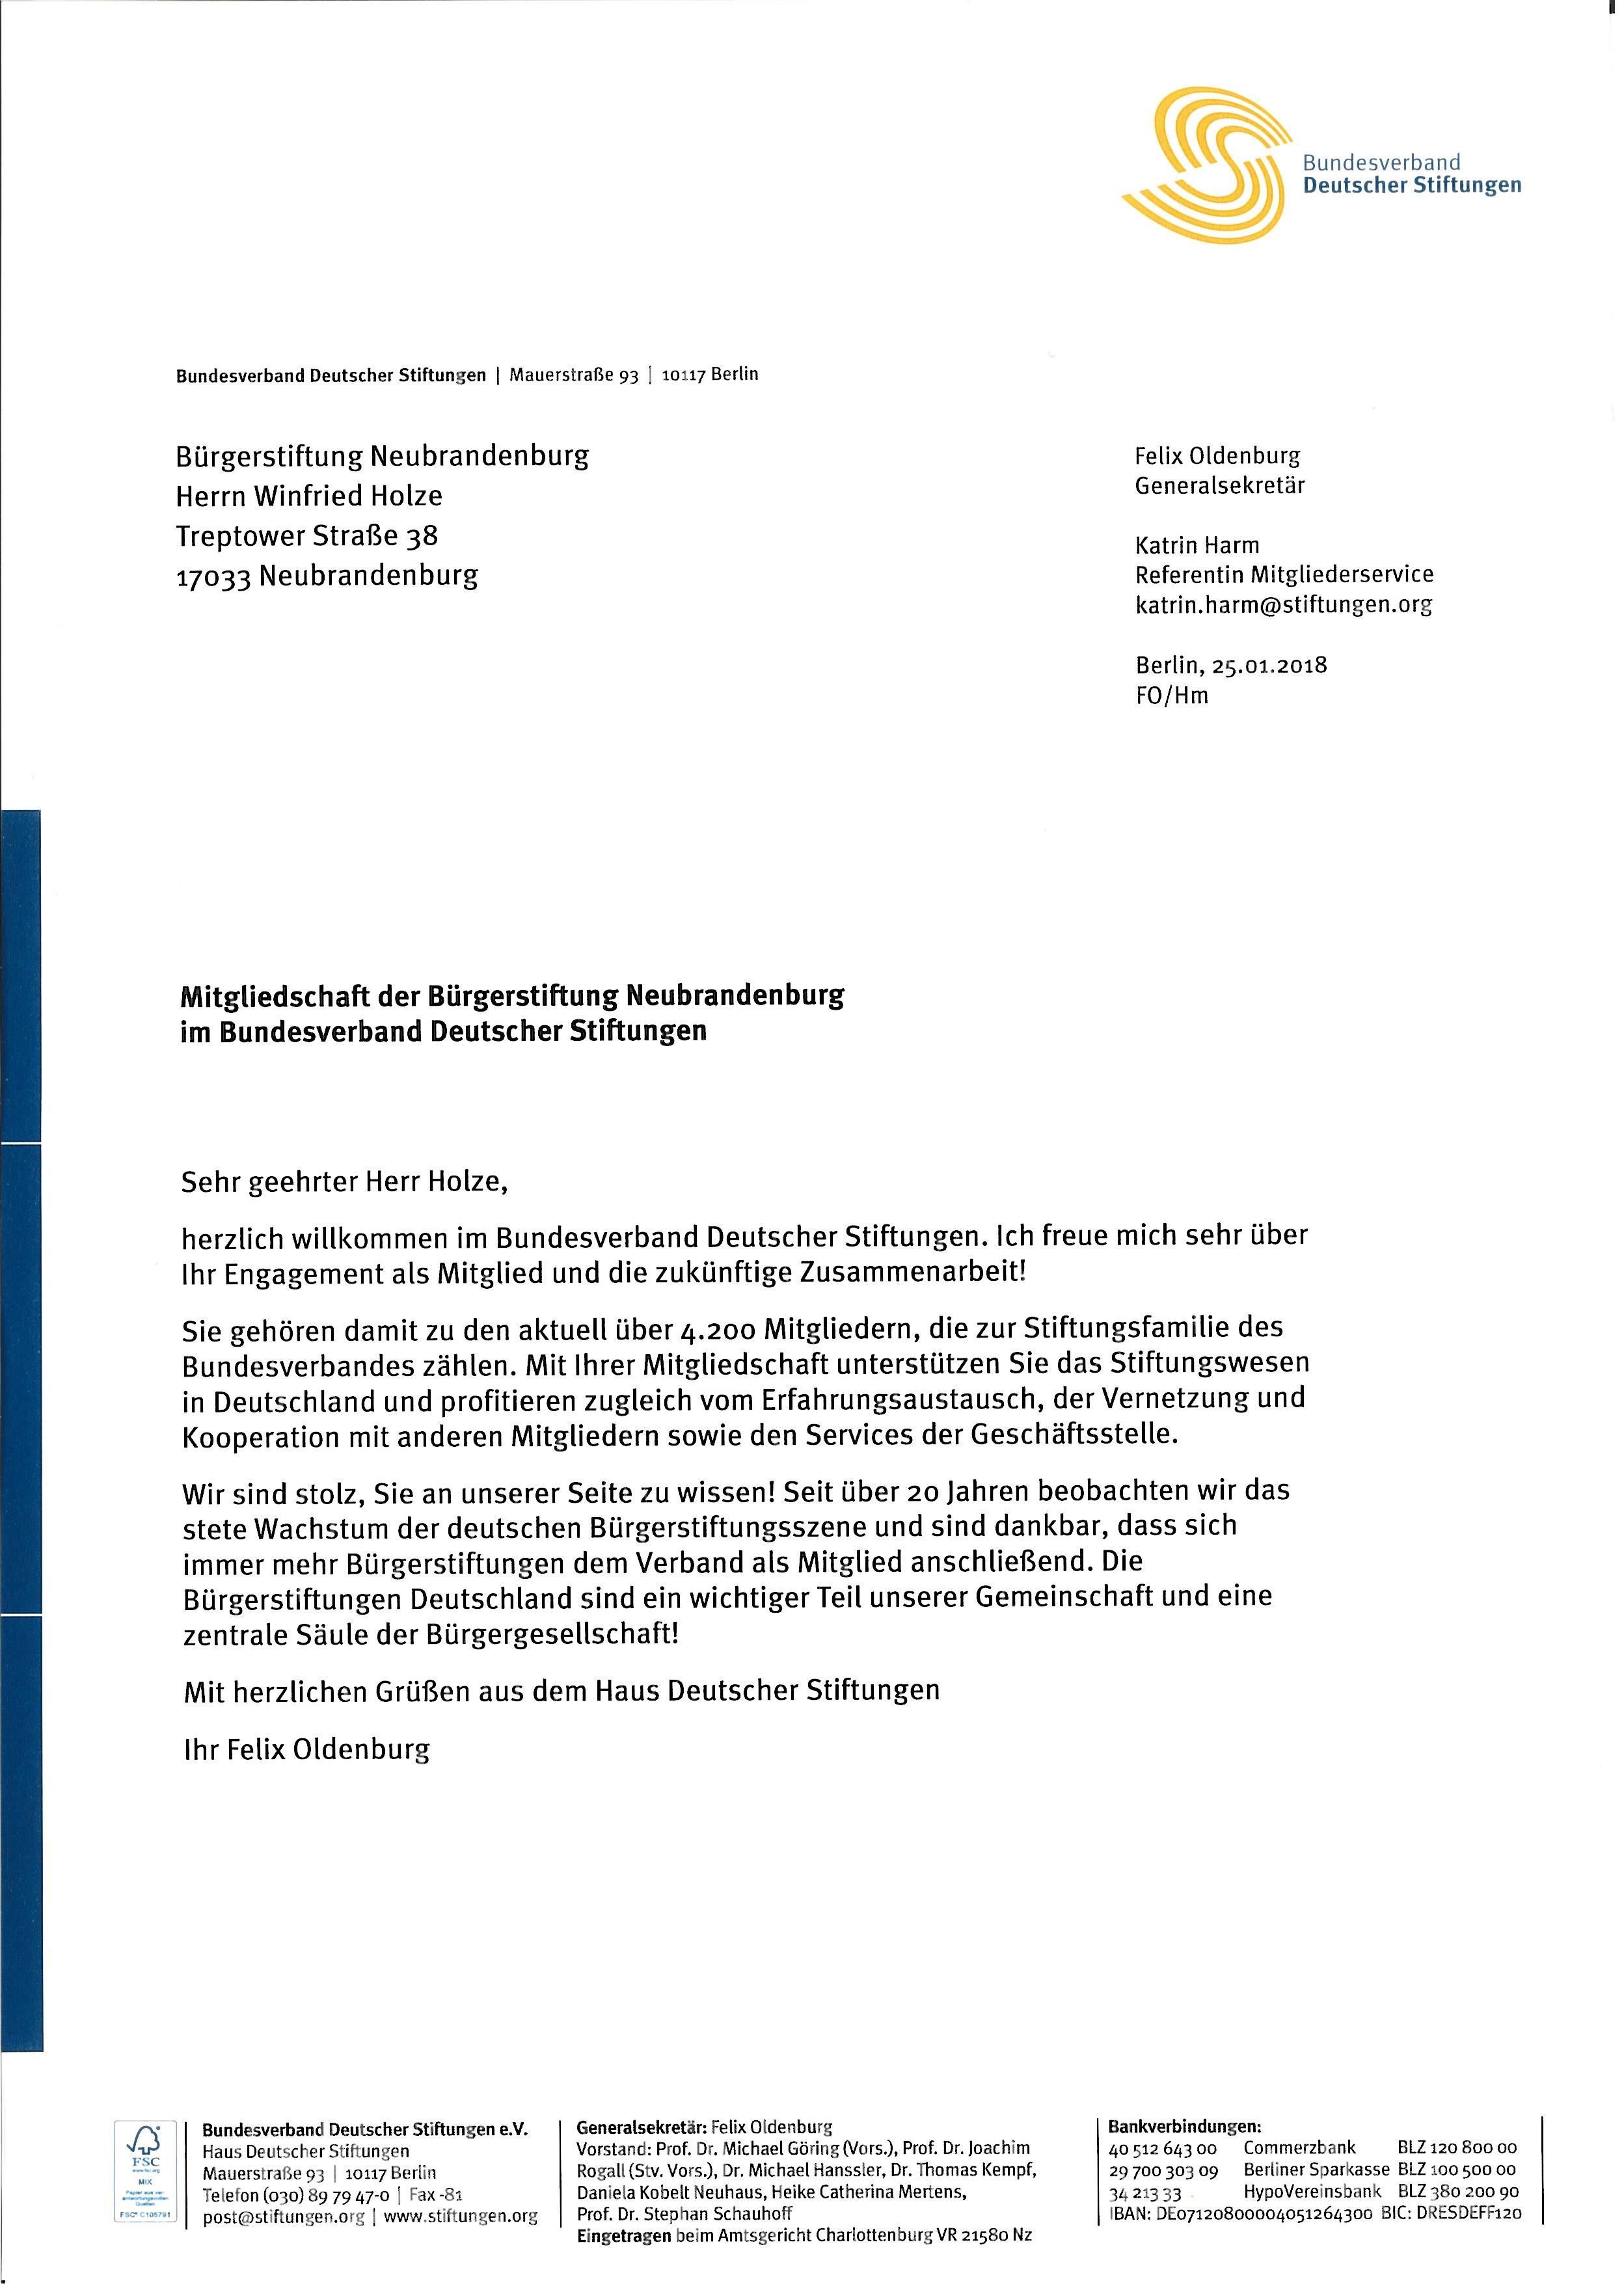 Niedlich Anschreiben Für Hochschul Anwendung Nz Ideen - Bilder für ...